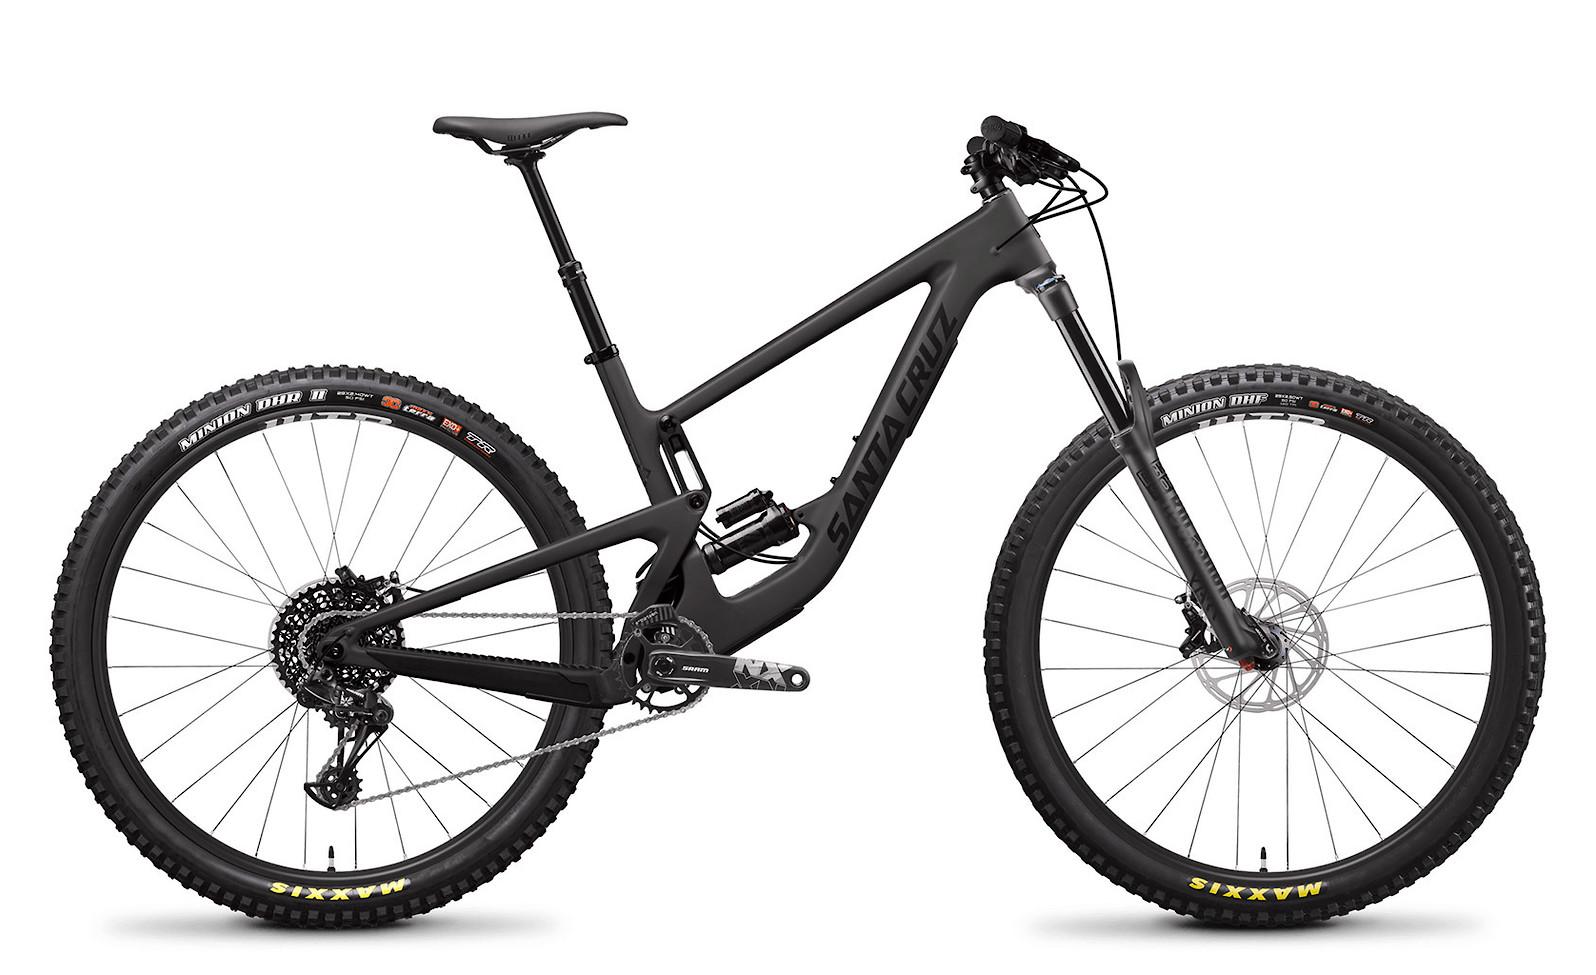 2019 Santa Cruz Megatower C R 29 Bike